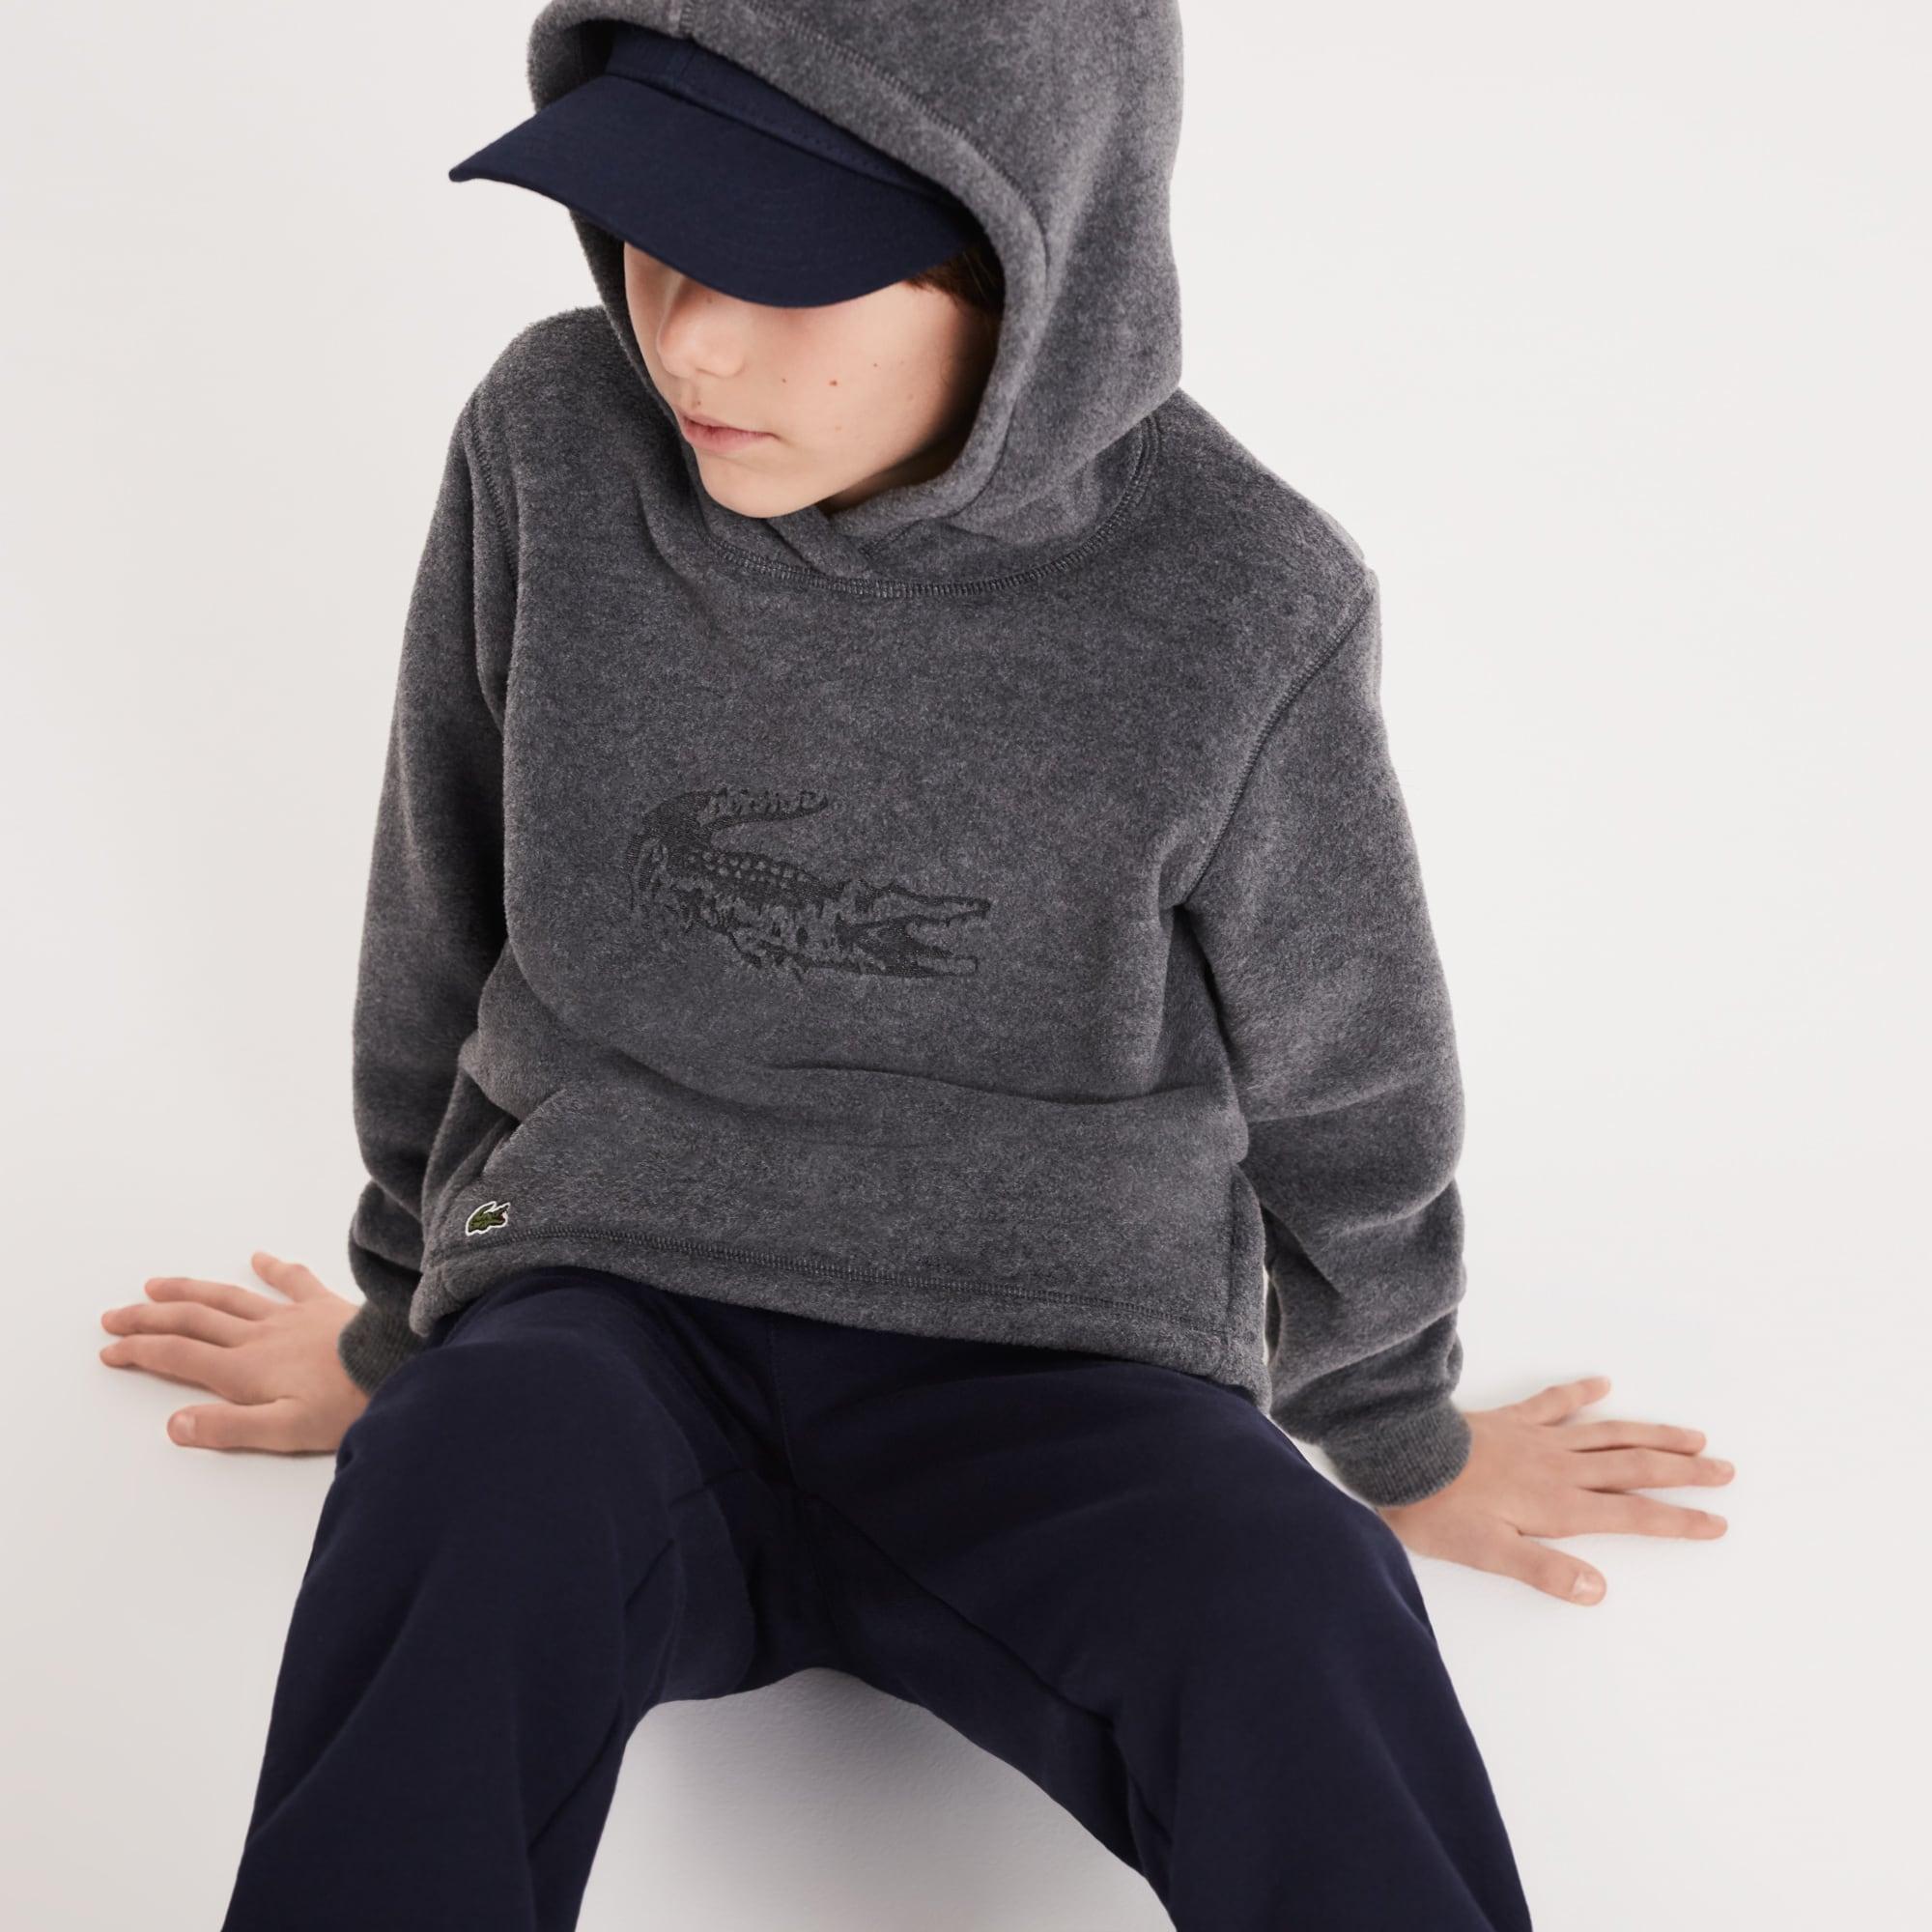 Boys' Oversized Crocodile Hooded Fleece Sweatshirt